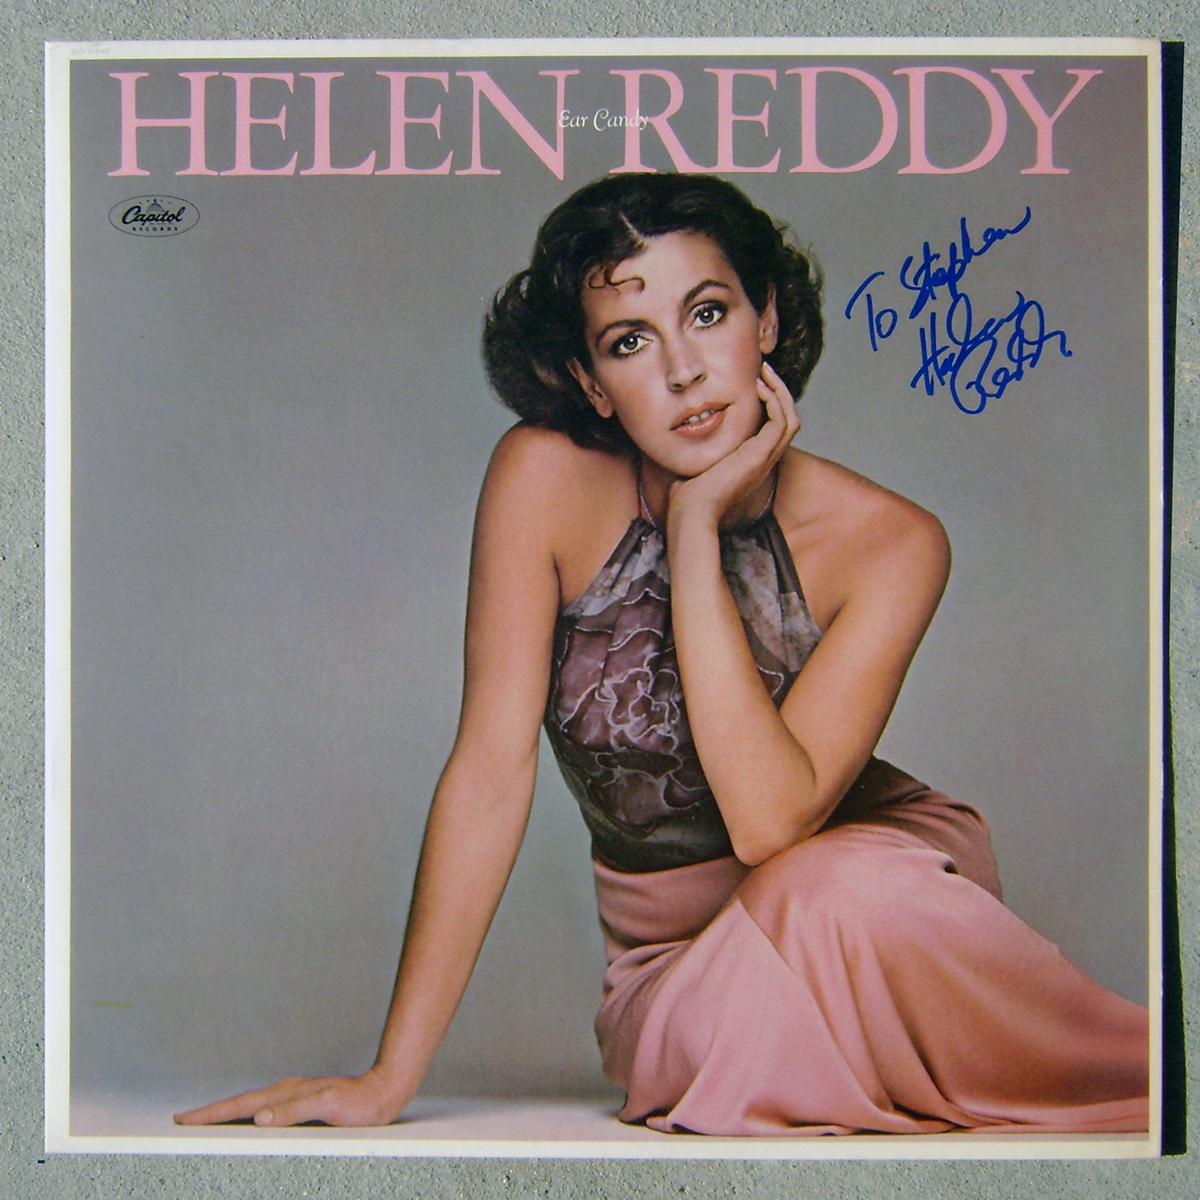 LP - Helen Reddy - Ear Candy